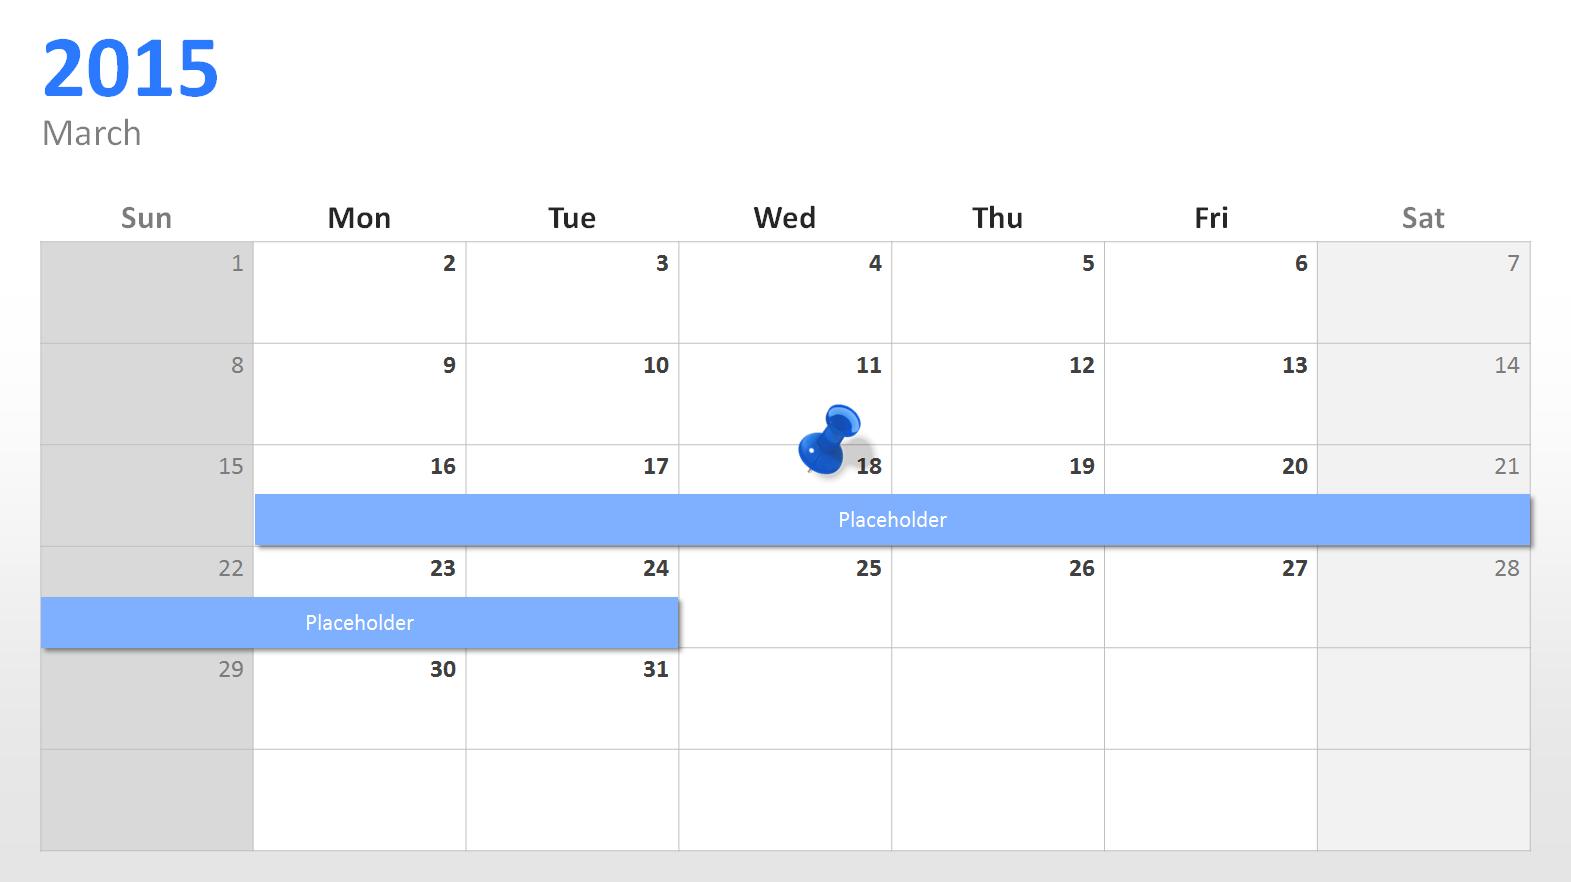 Powerpoint Calendar The Perfect Start For   Presentationload Blog In Powerpoint Calendar Template 2015